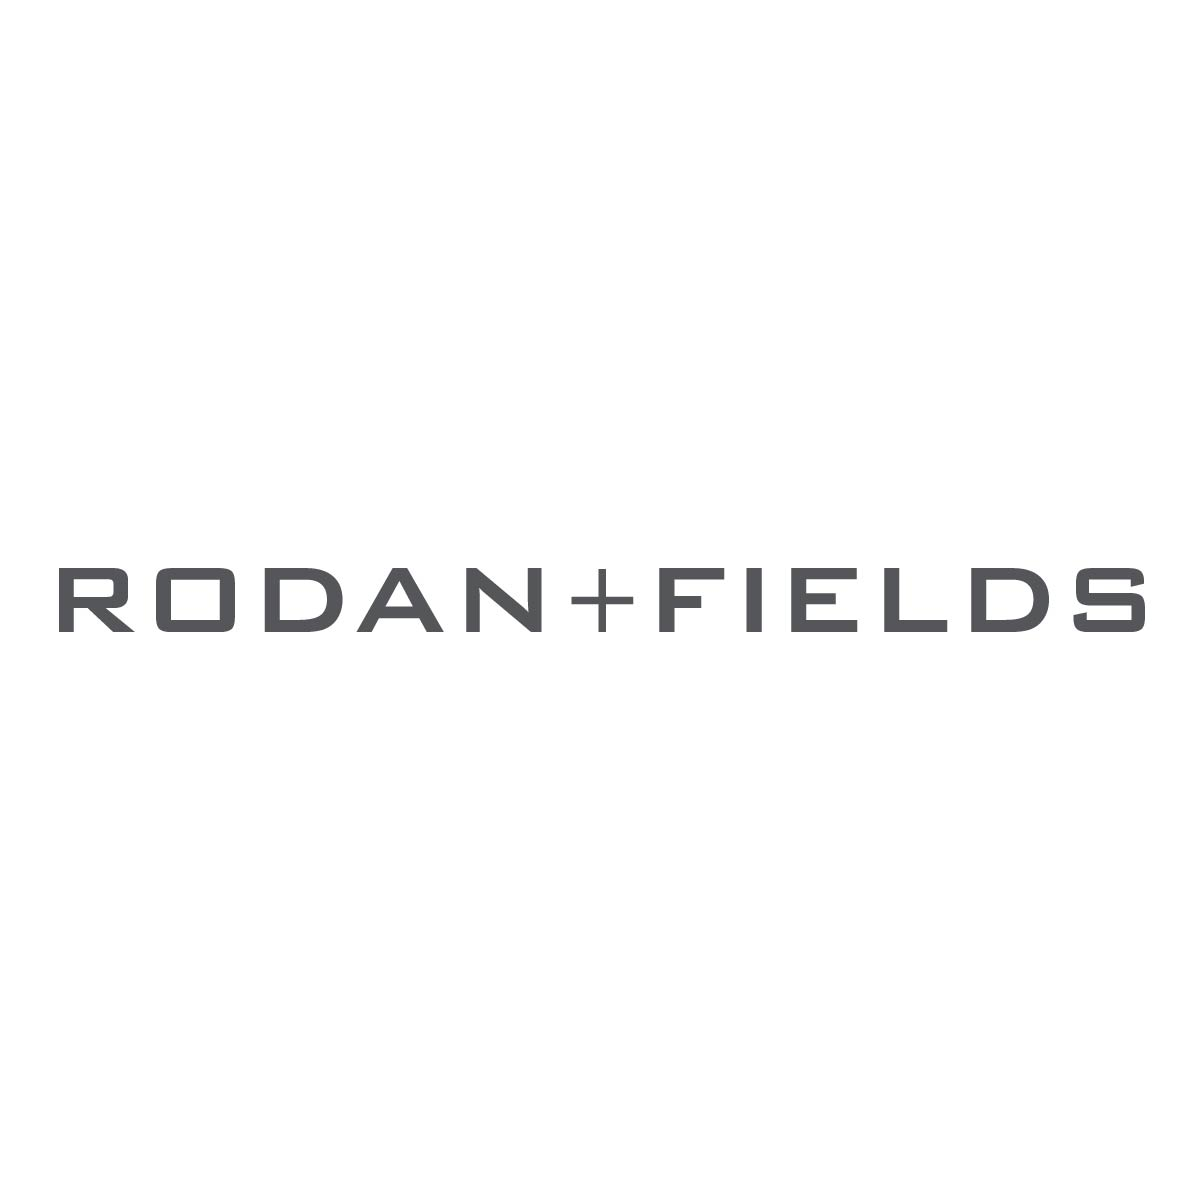 Rodan And Fields Christmas 2020 Rodan + Fields Sets Sights on Japan in 2020 – WWD